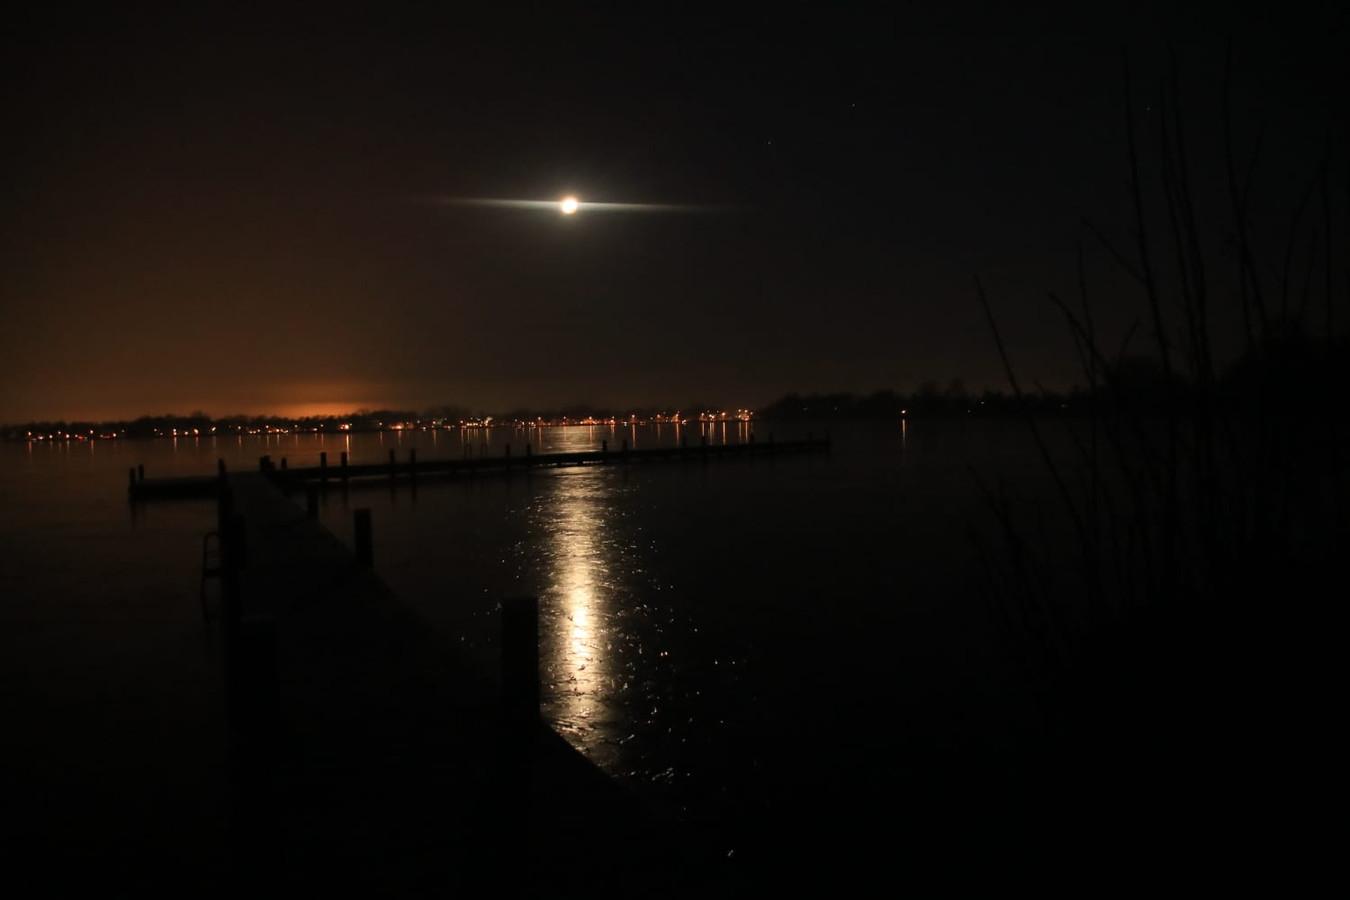 De maan met daaronder de zonsopgang